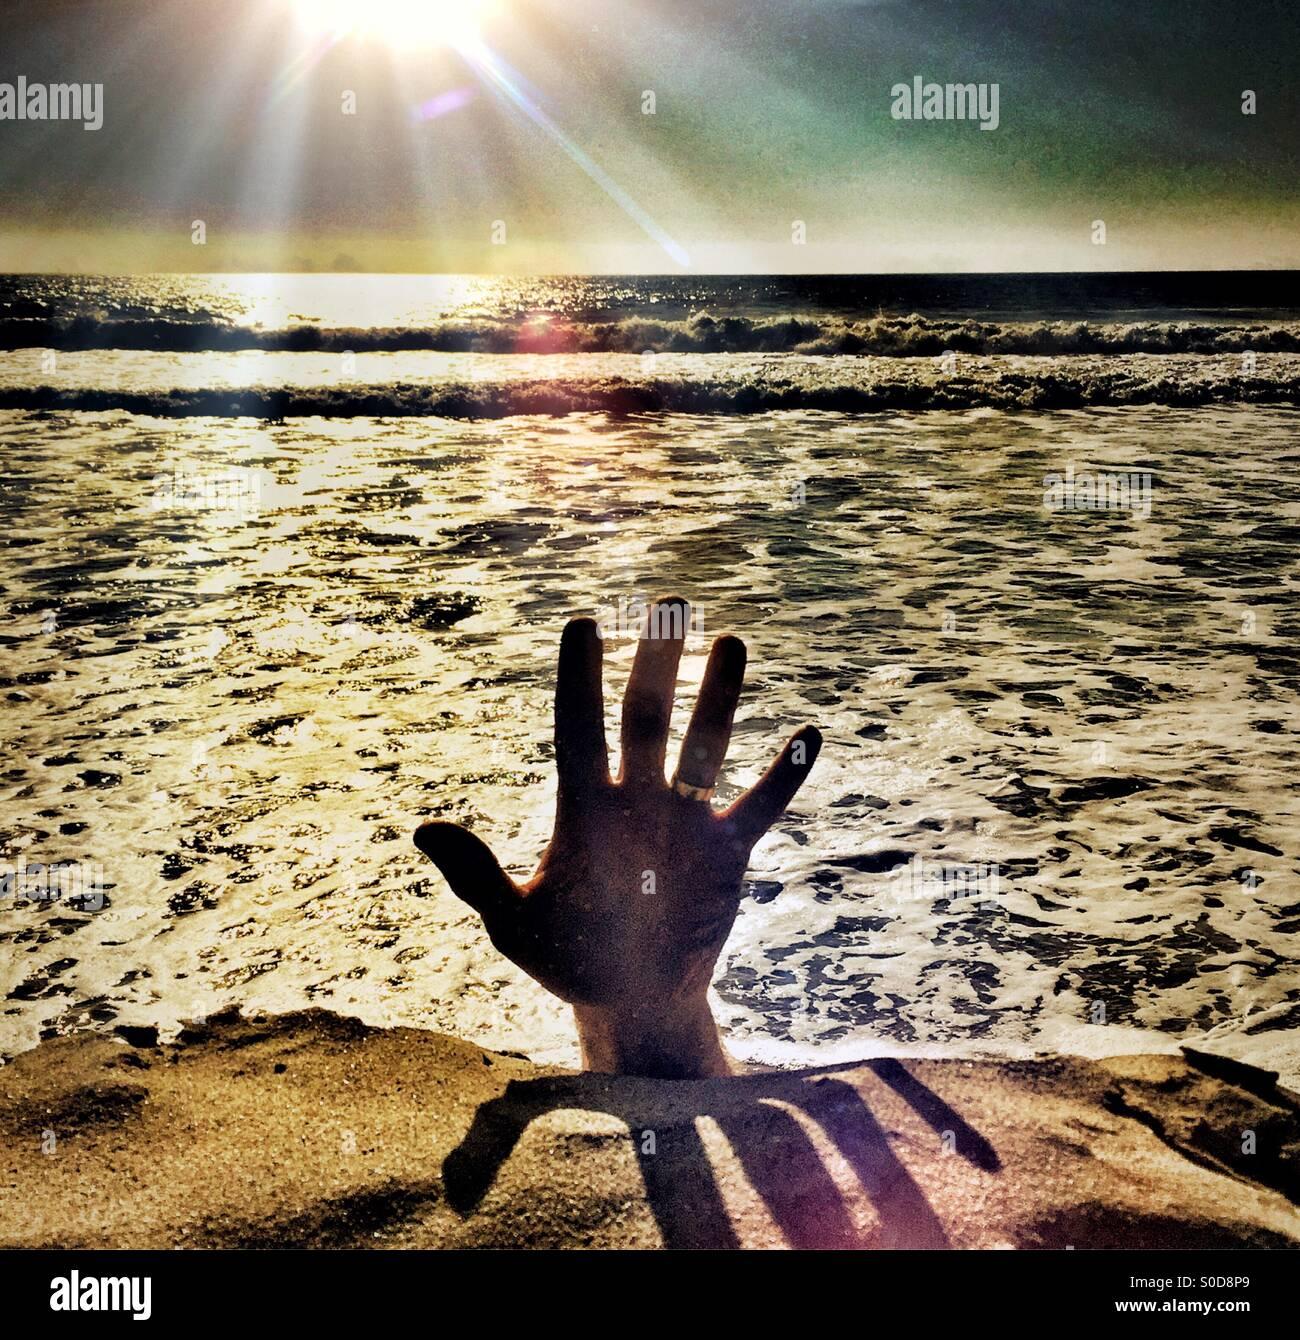 Hilfe! Hand greift von oben aus dem Wasser ins Licht Stockbild